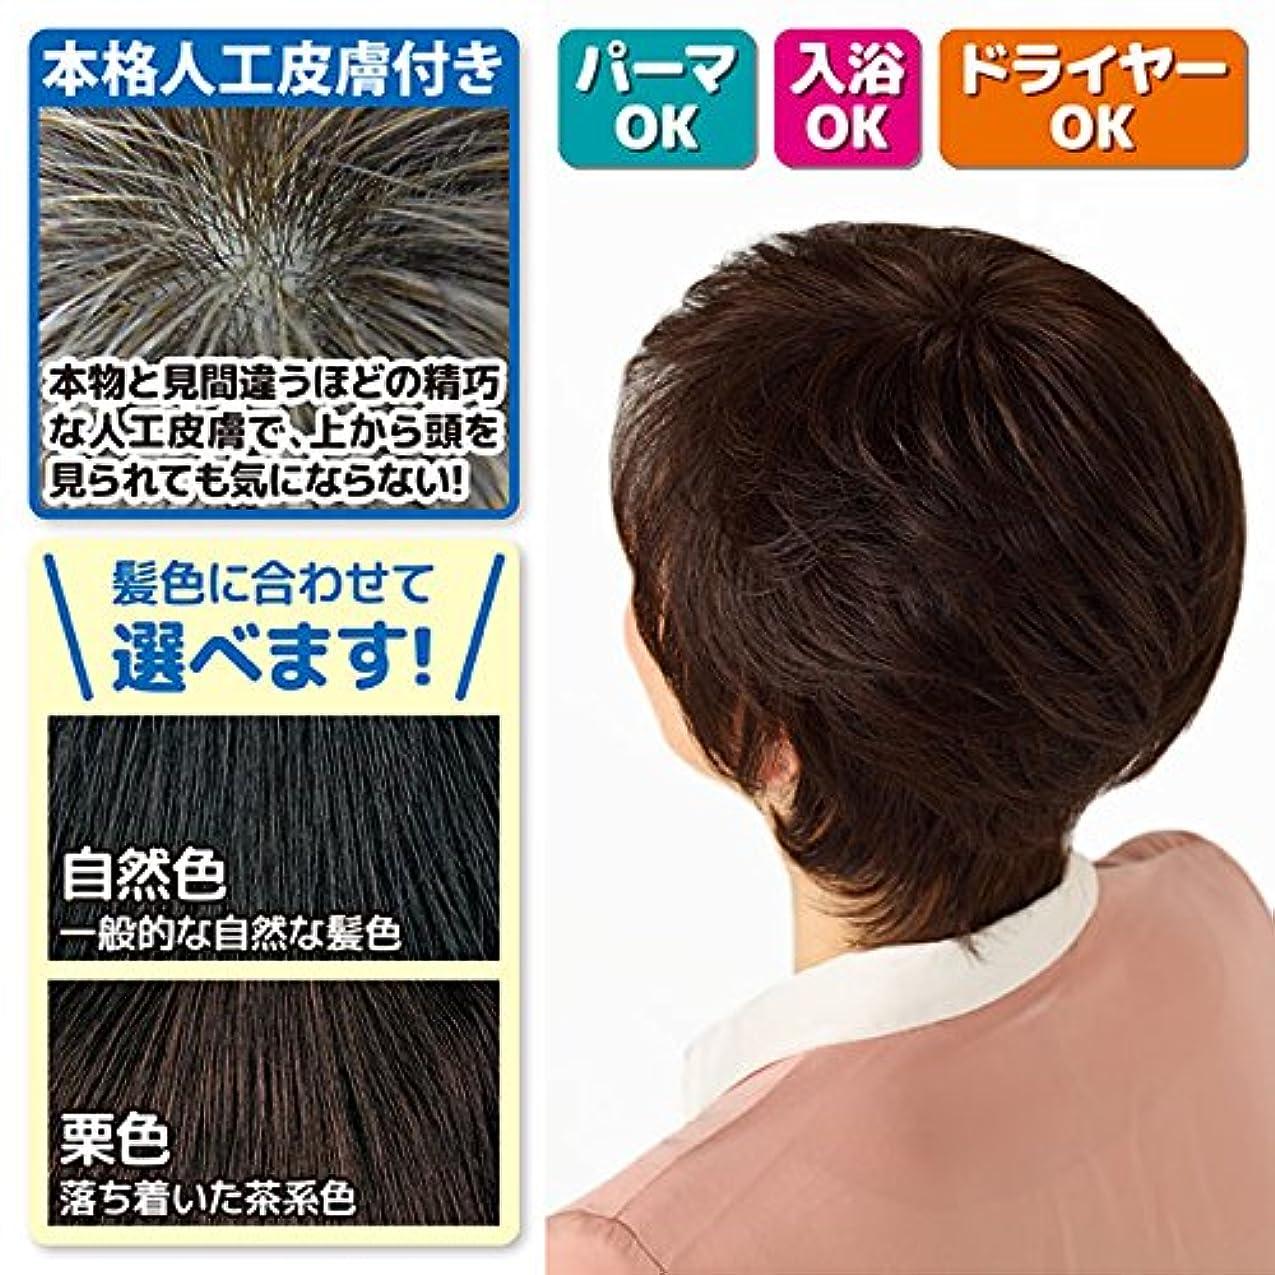 火男らしいインレイ本格人工皮膚付き つむじ用?部分かつら (人毛100%) カラー:栗色